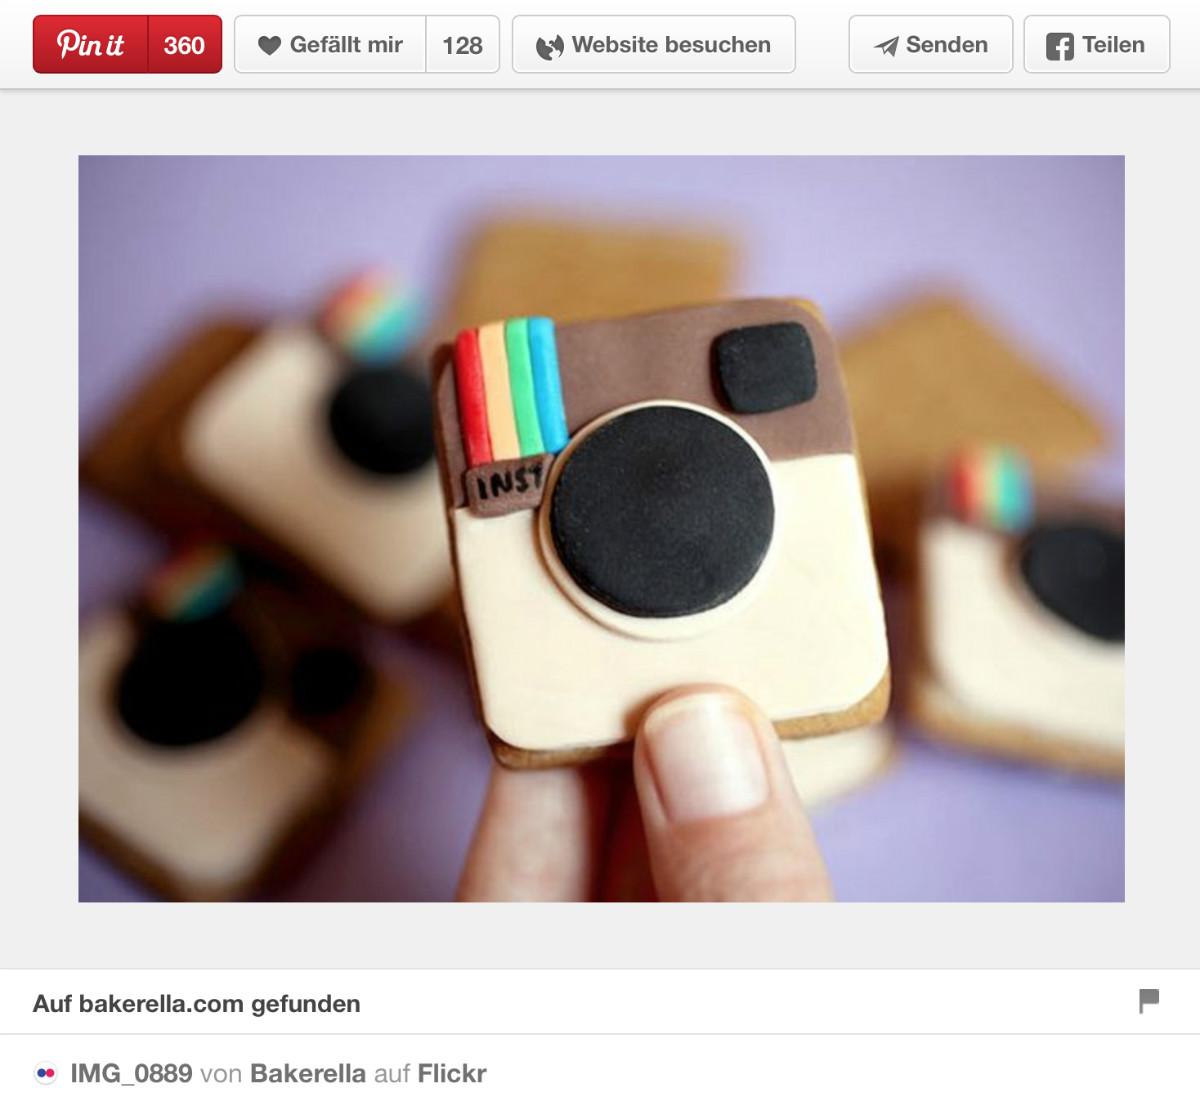 23 Besten Mandarinenkisten Bilder Auf Pinterest: Content-Marketing Mit Pinterest: So Holt Ihr Das Optimum